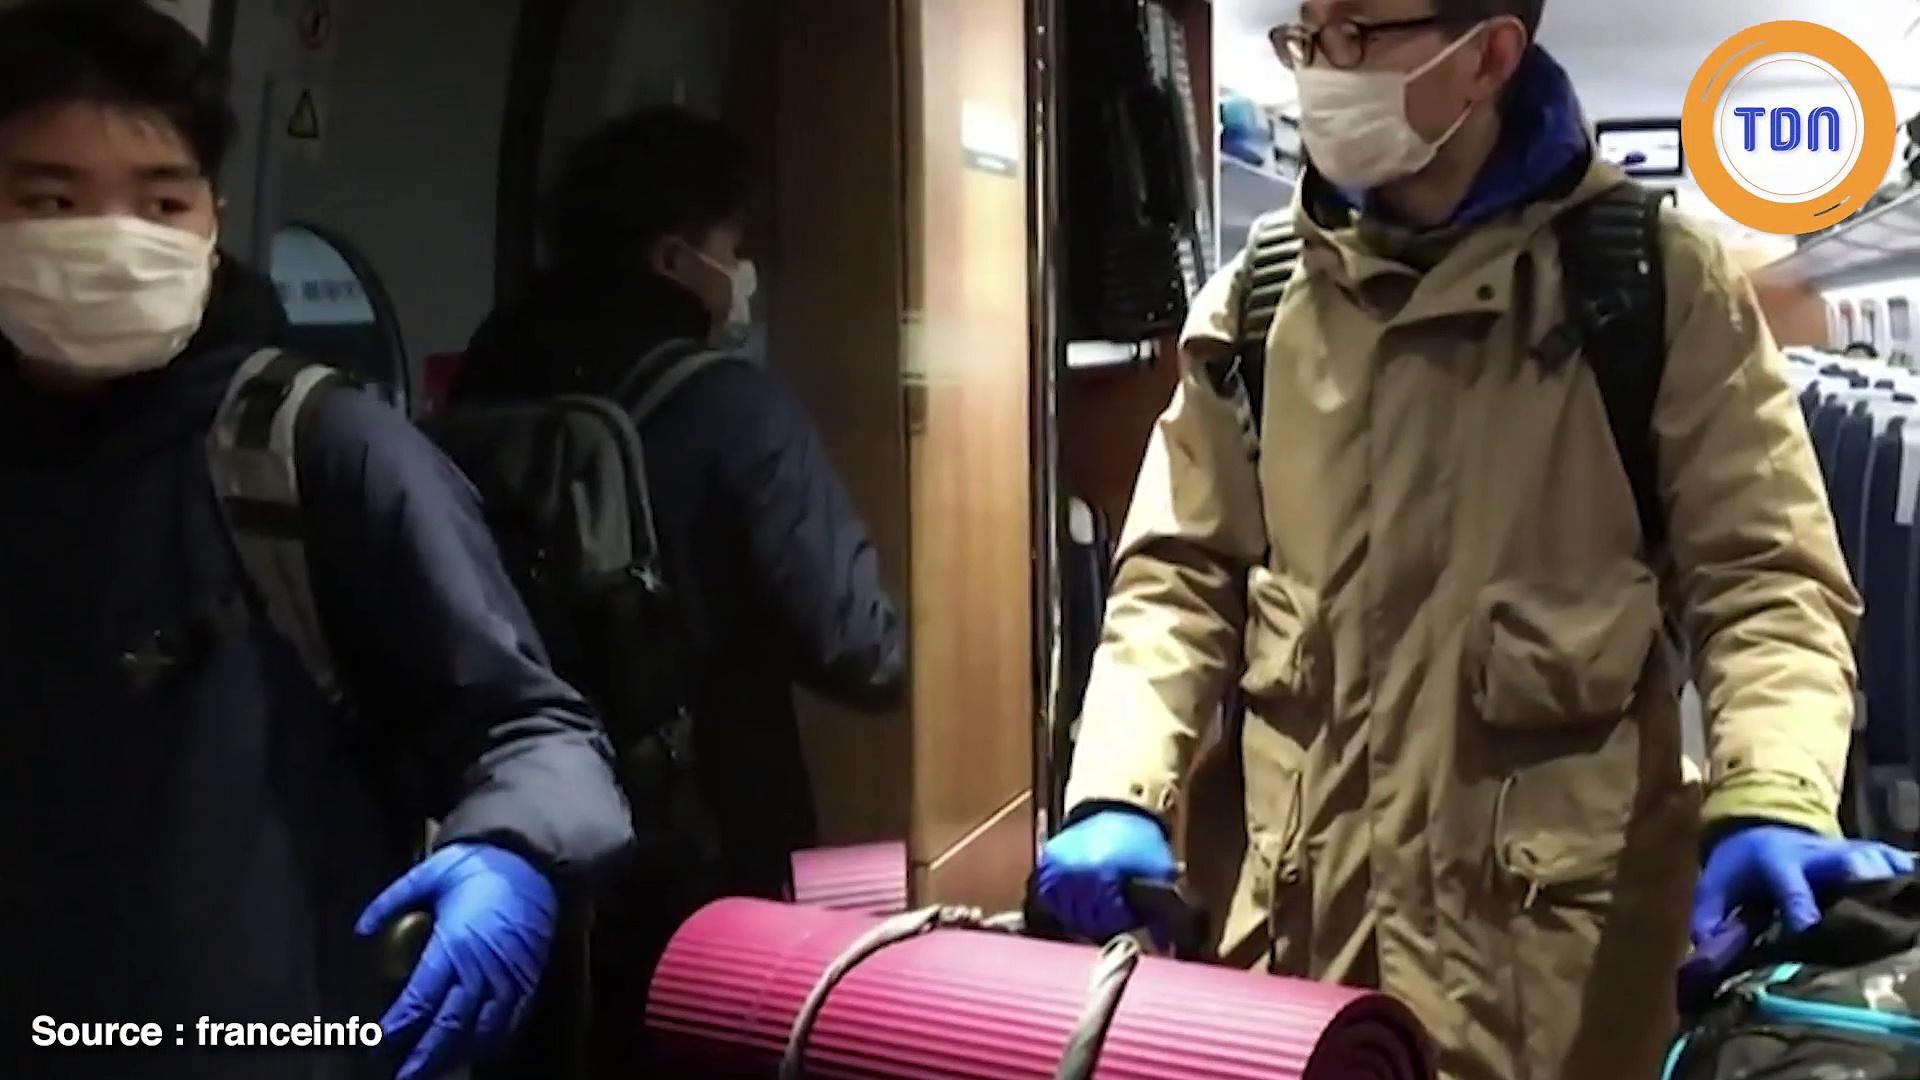 Coronavirus : voici le train pour Wuhan, la ville fantôme où s'est déclarée l'épidémie